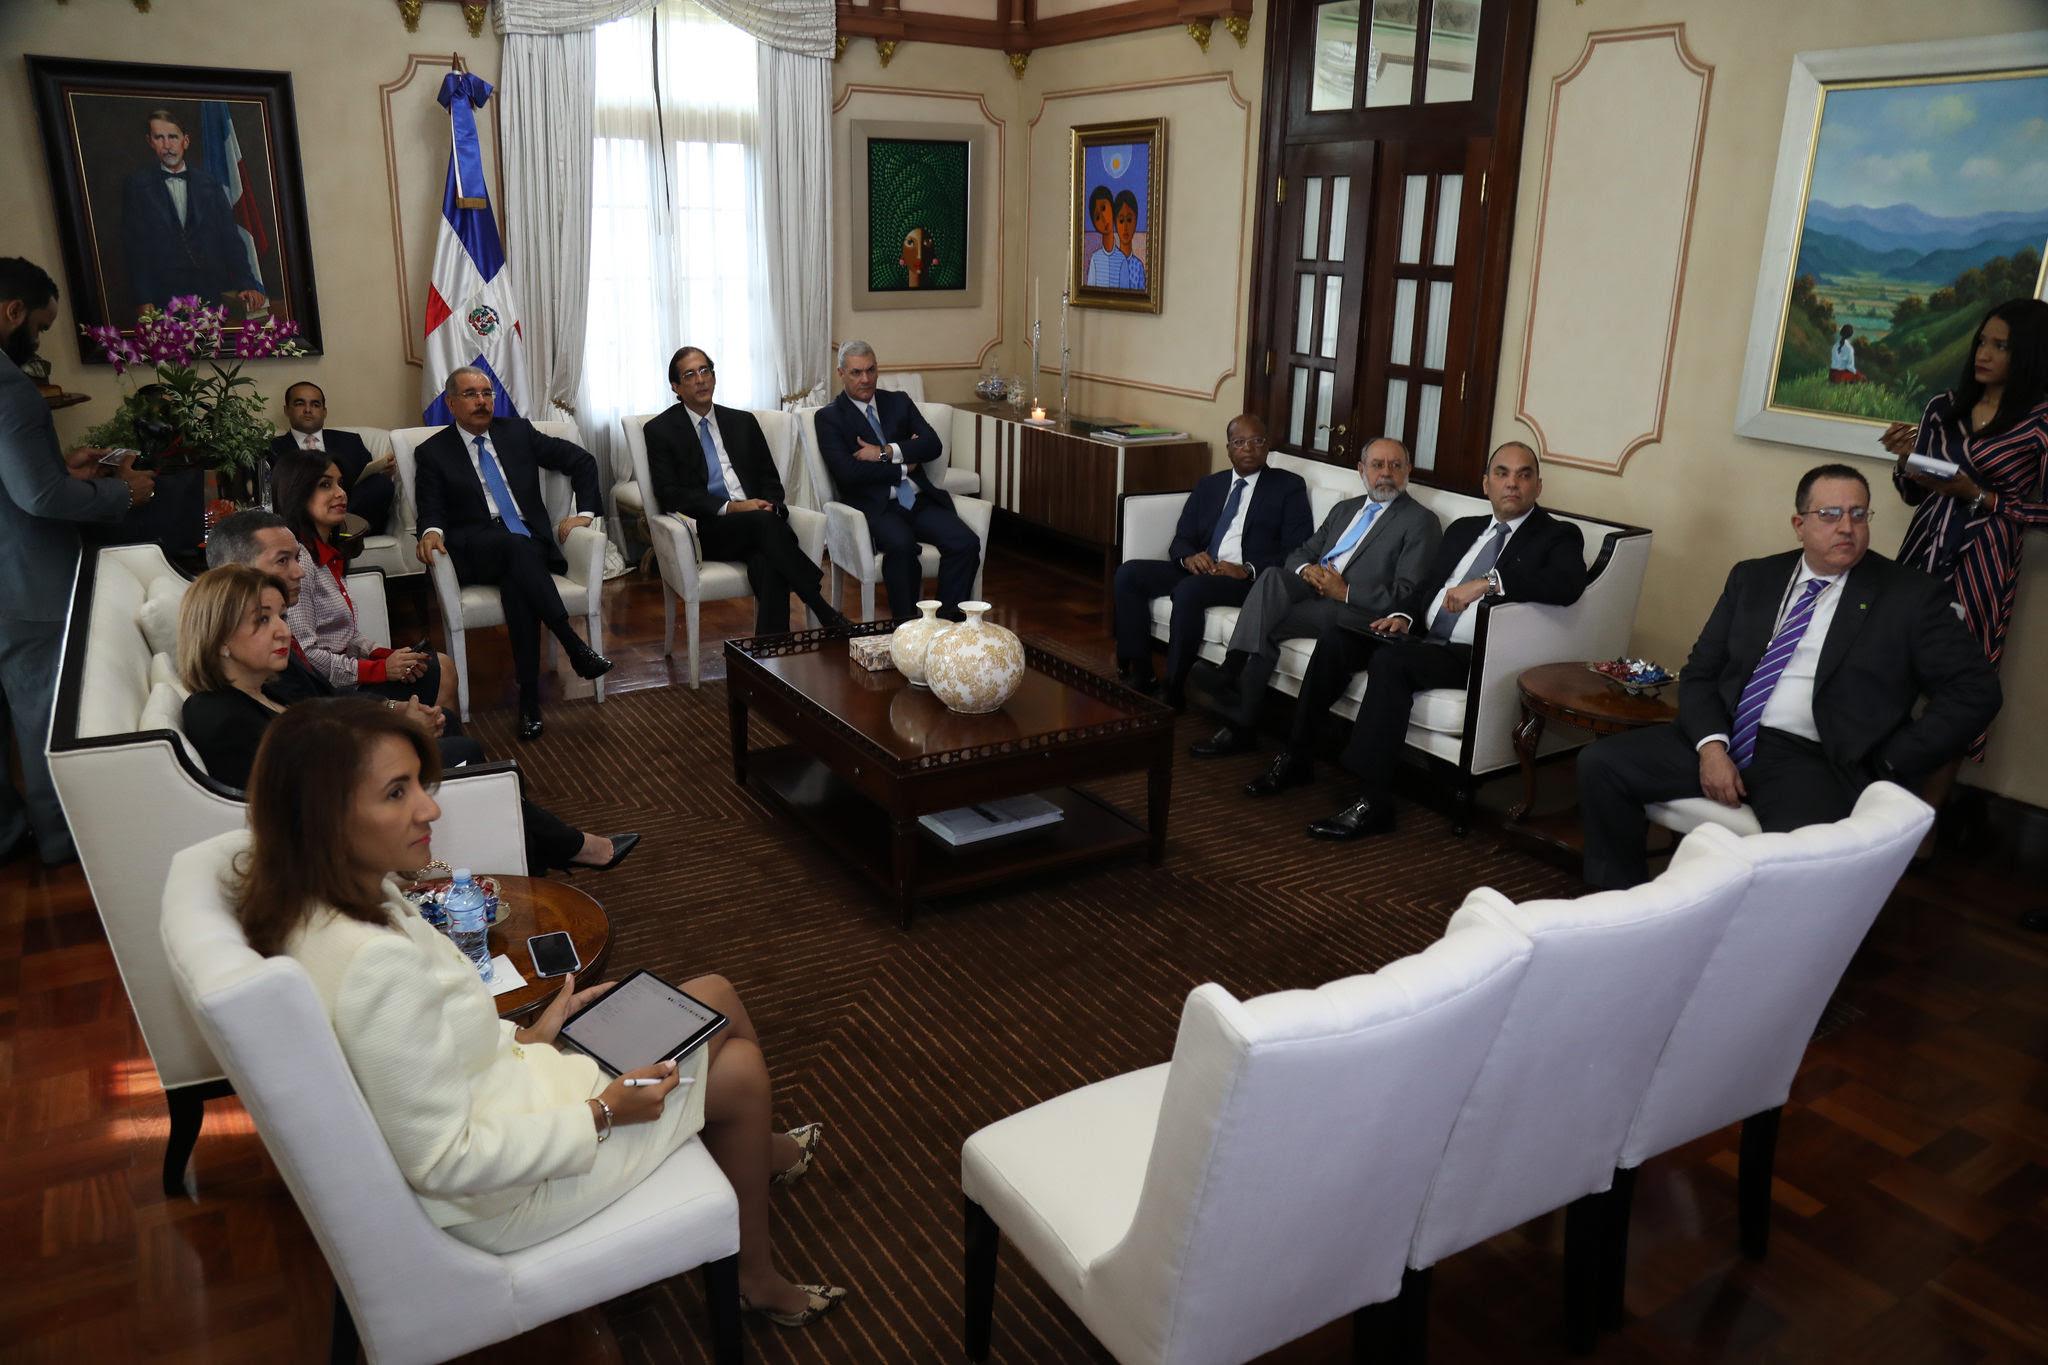 , Medina da seguimiento a los avances del Plan de Reordenamiento del Transporte Público y la Seguridad Vial